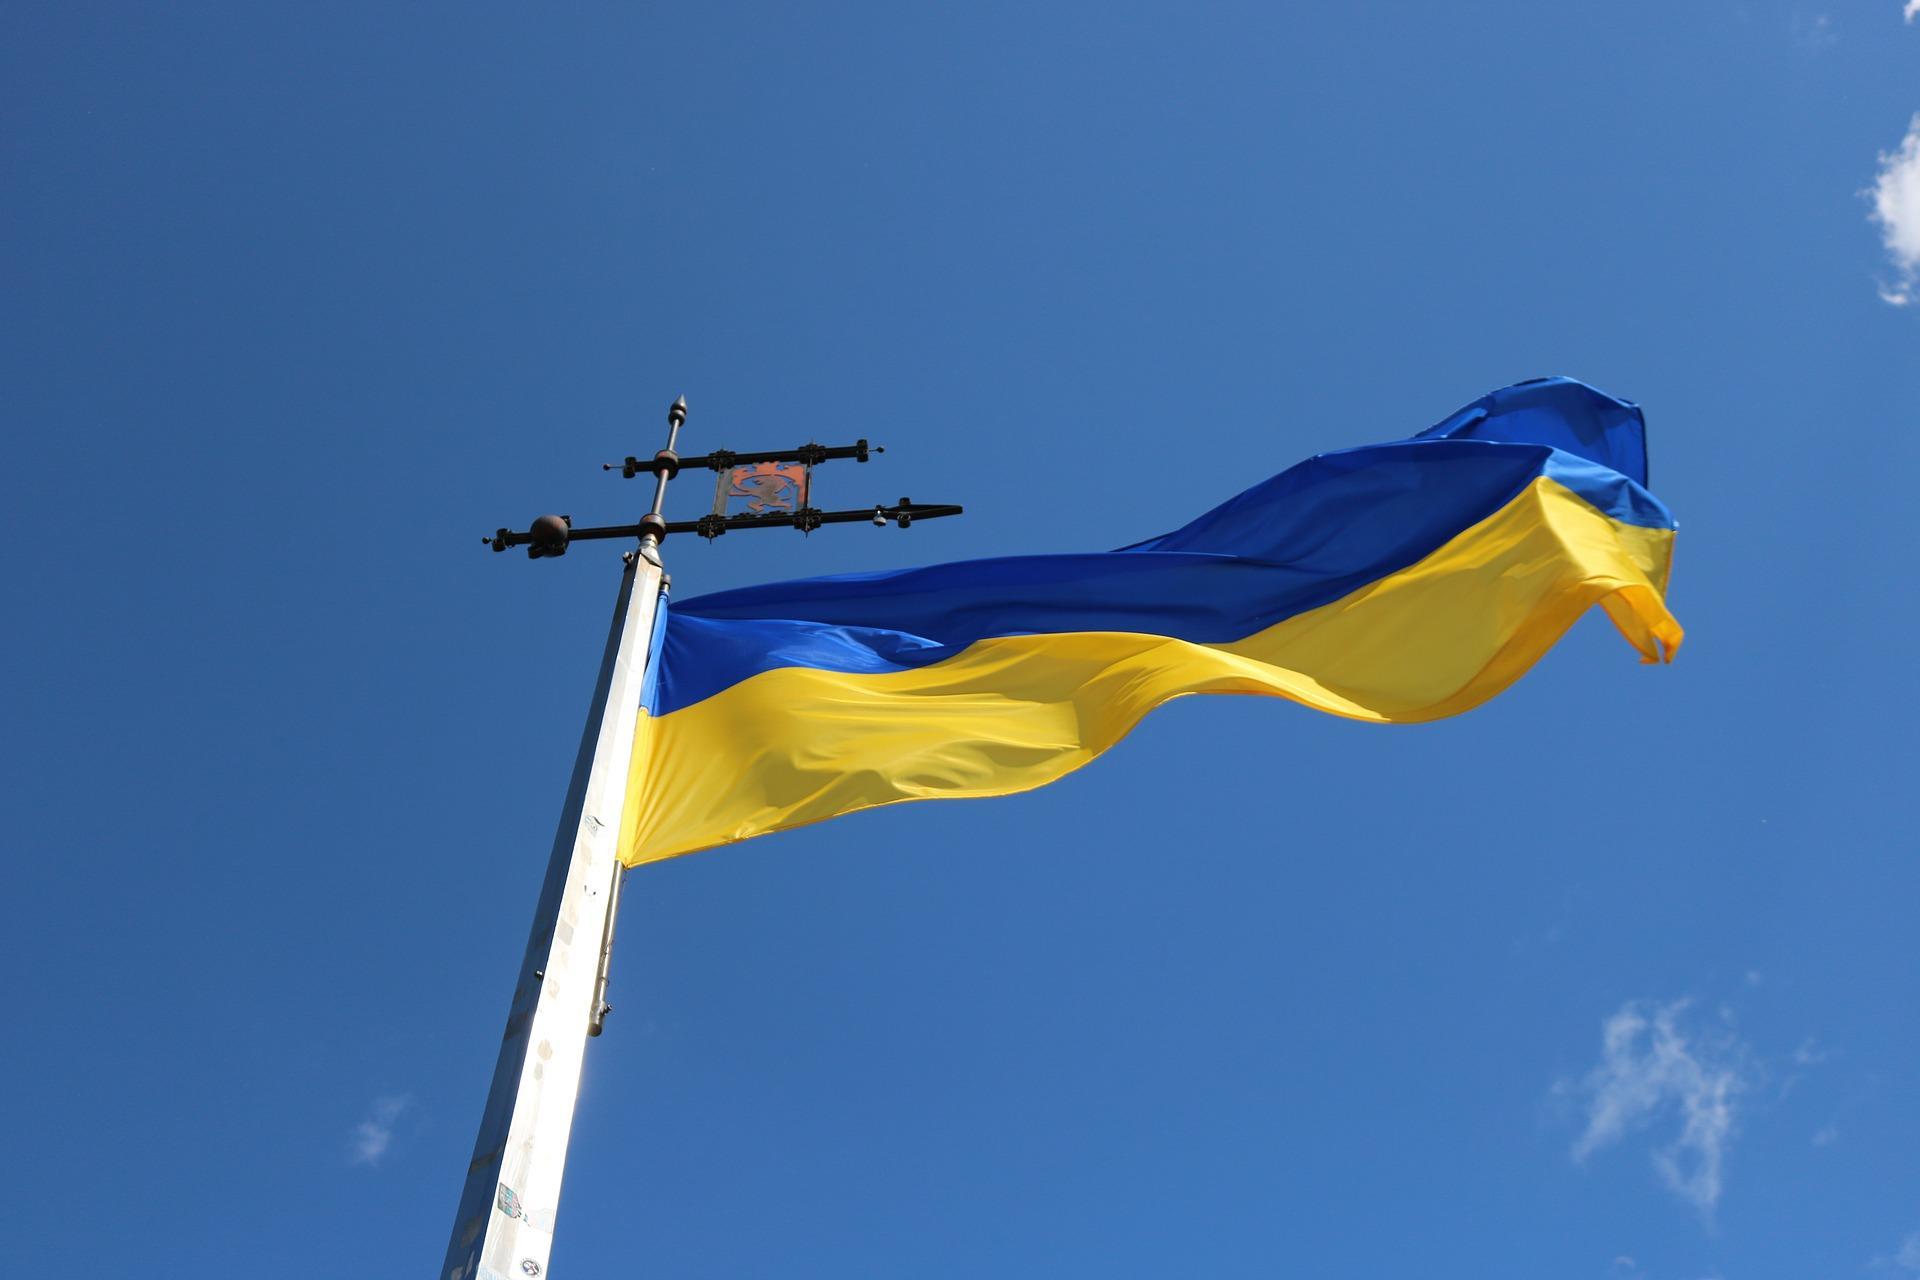 Первого премьера Украины назвали мерзавцем и предложили исключить из ТКГ по Донбассу за отрицание войны с Россией